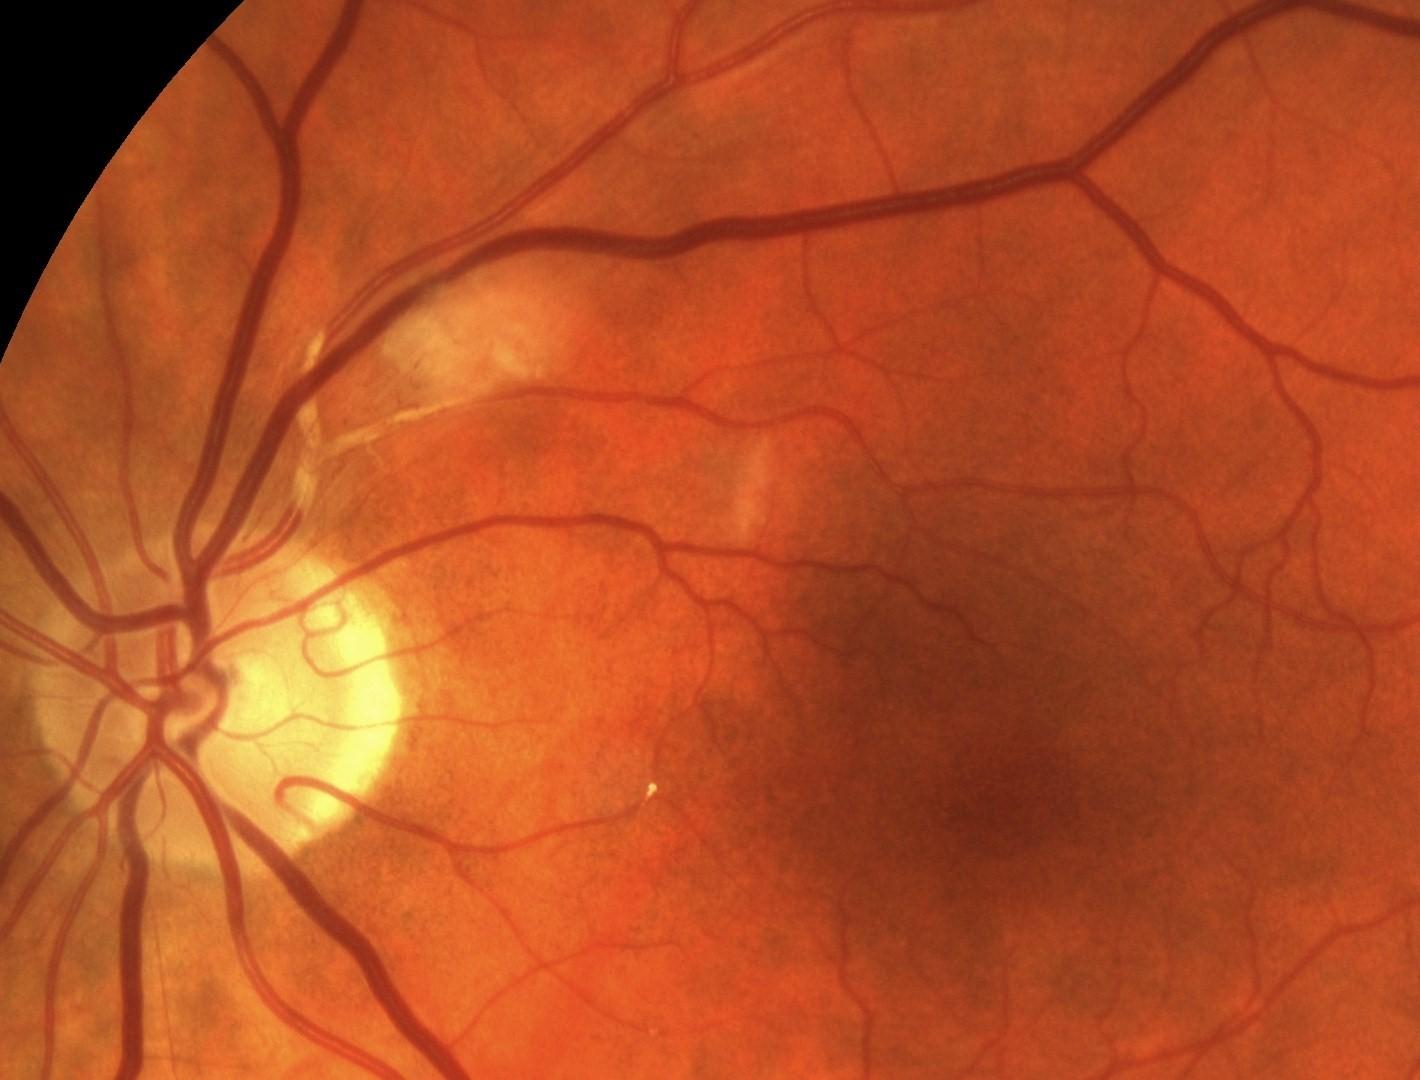 вид ретинопатии